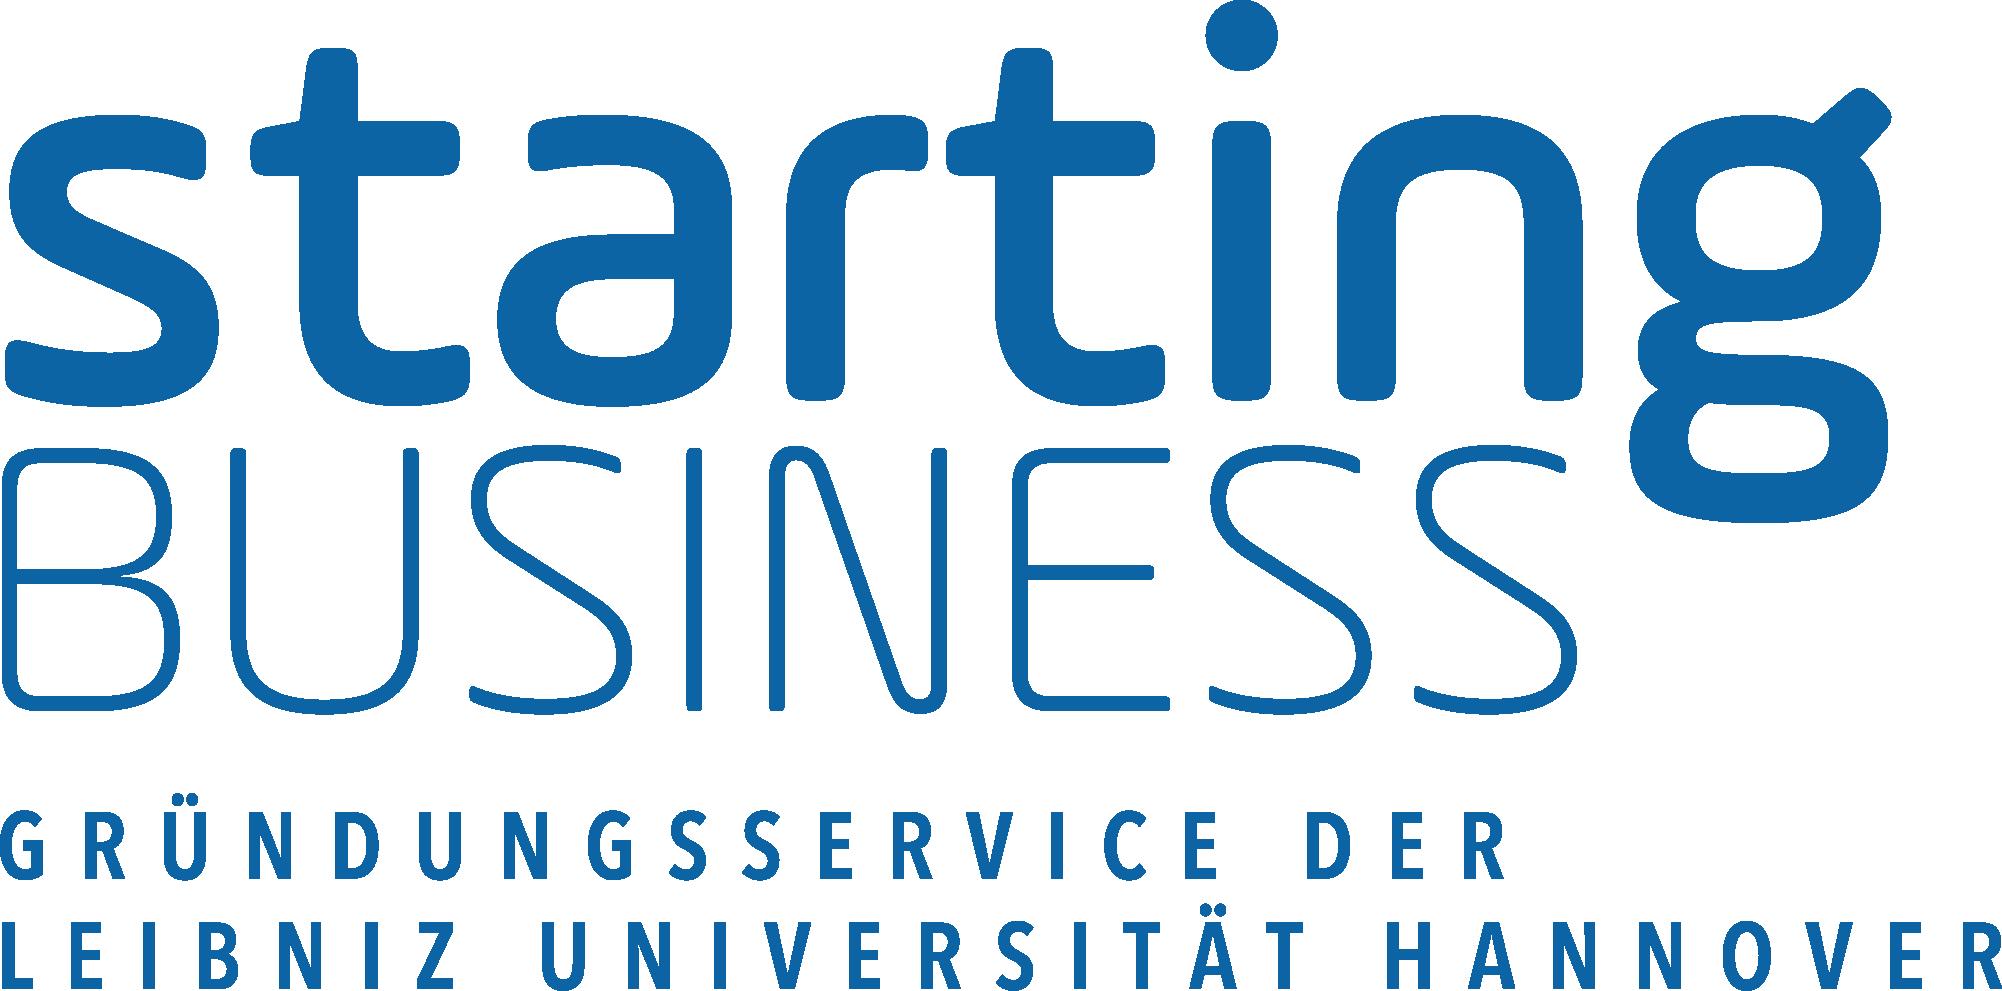 Starting_Business_Unterzeile